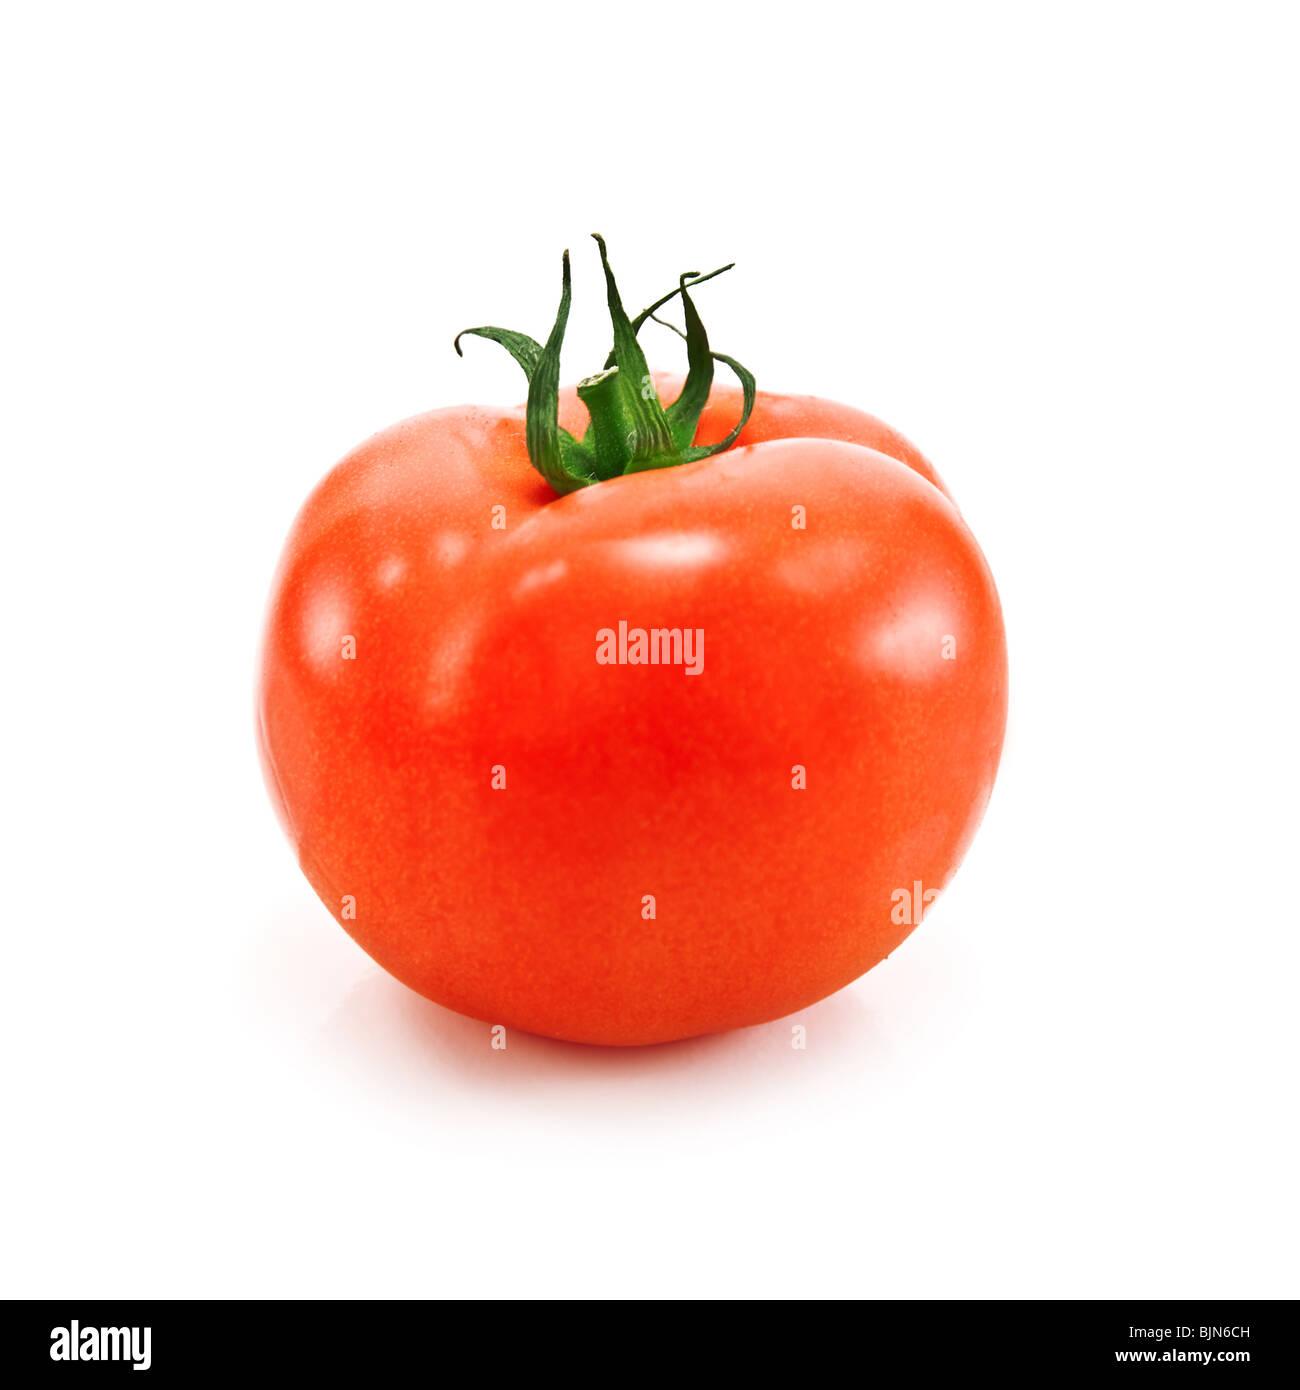 single tomato isolated on white - Stock Image